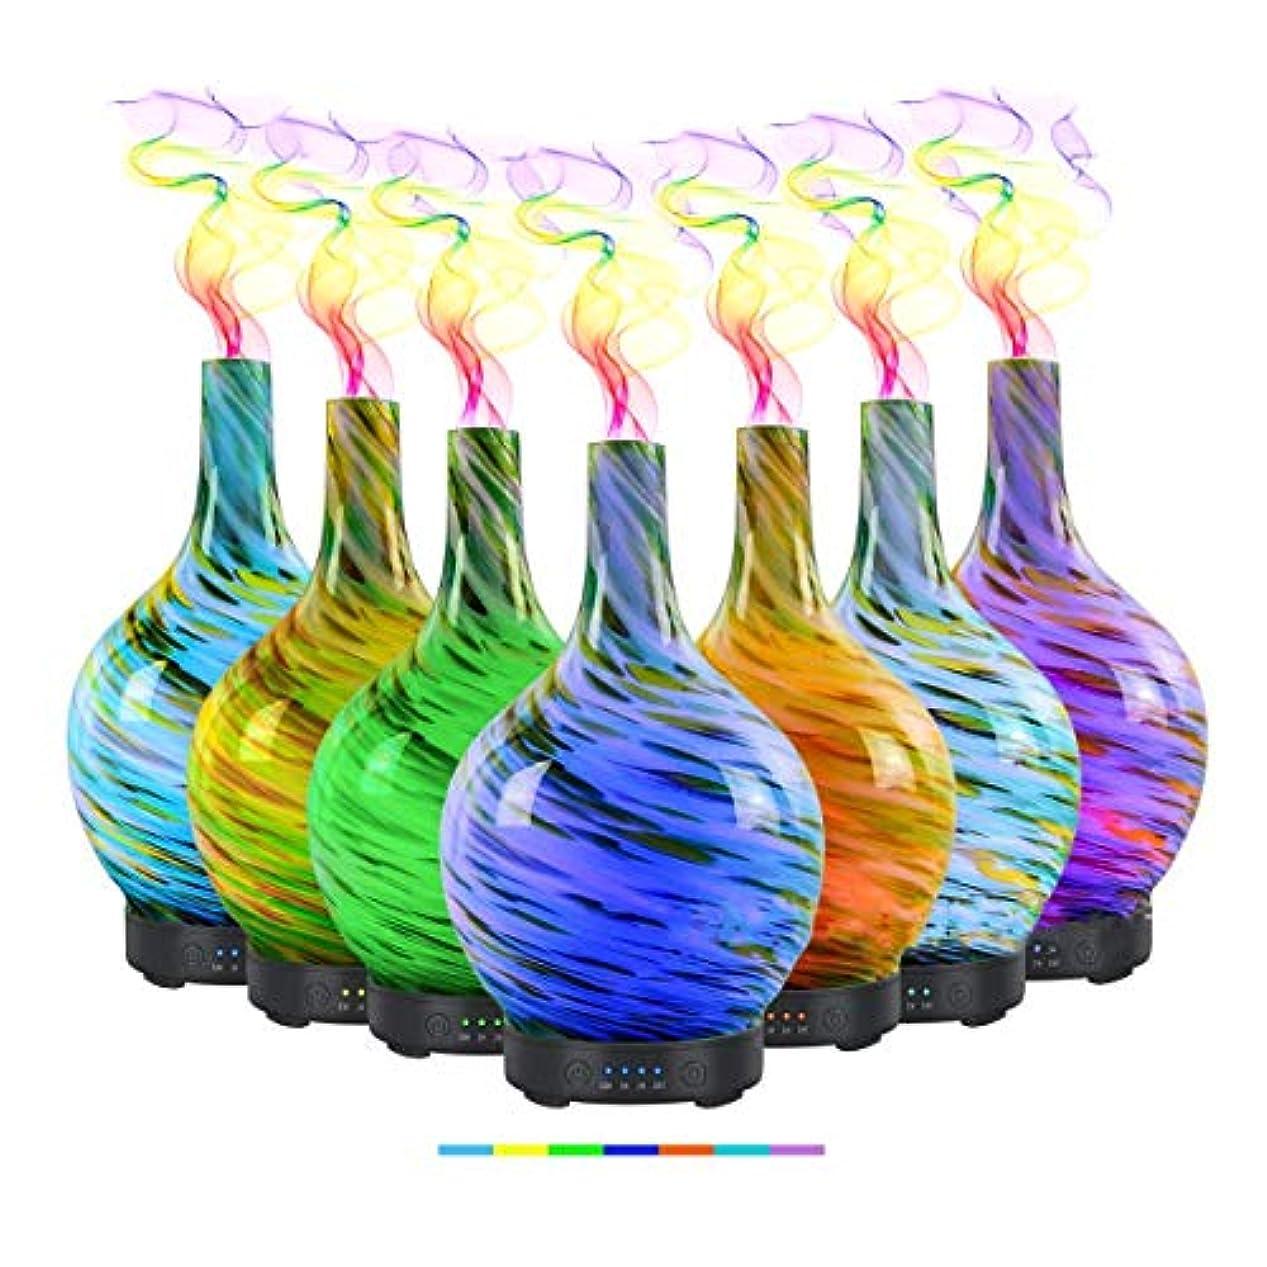 ディフューザーエッセンシャルオイル (100ml)-3 d アートガラス葉海アロマ加湿器7色の変更 LED ライト & 4 タイマー設定、水なしの自動シャットオフ